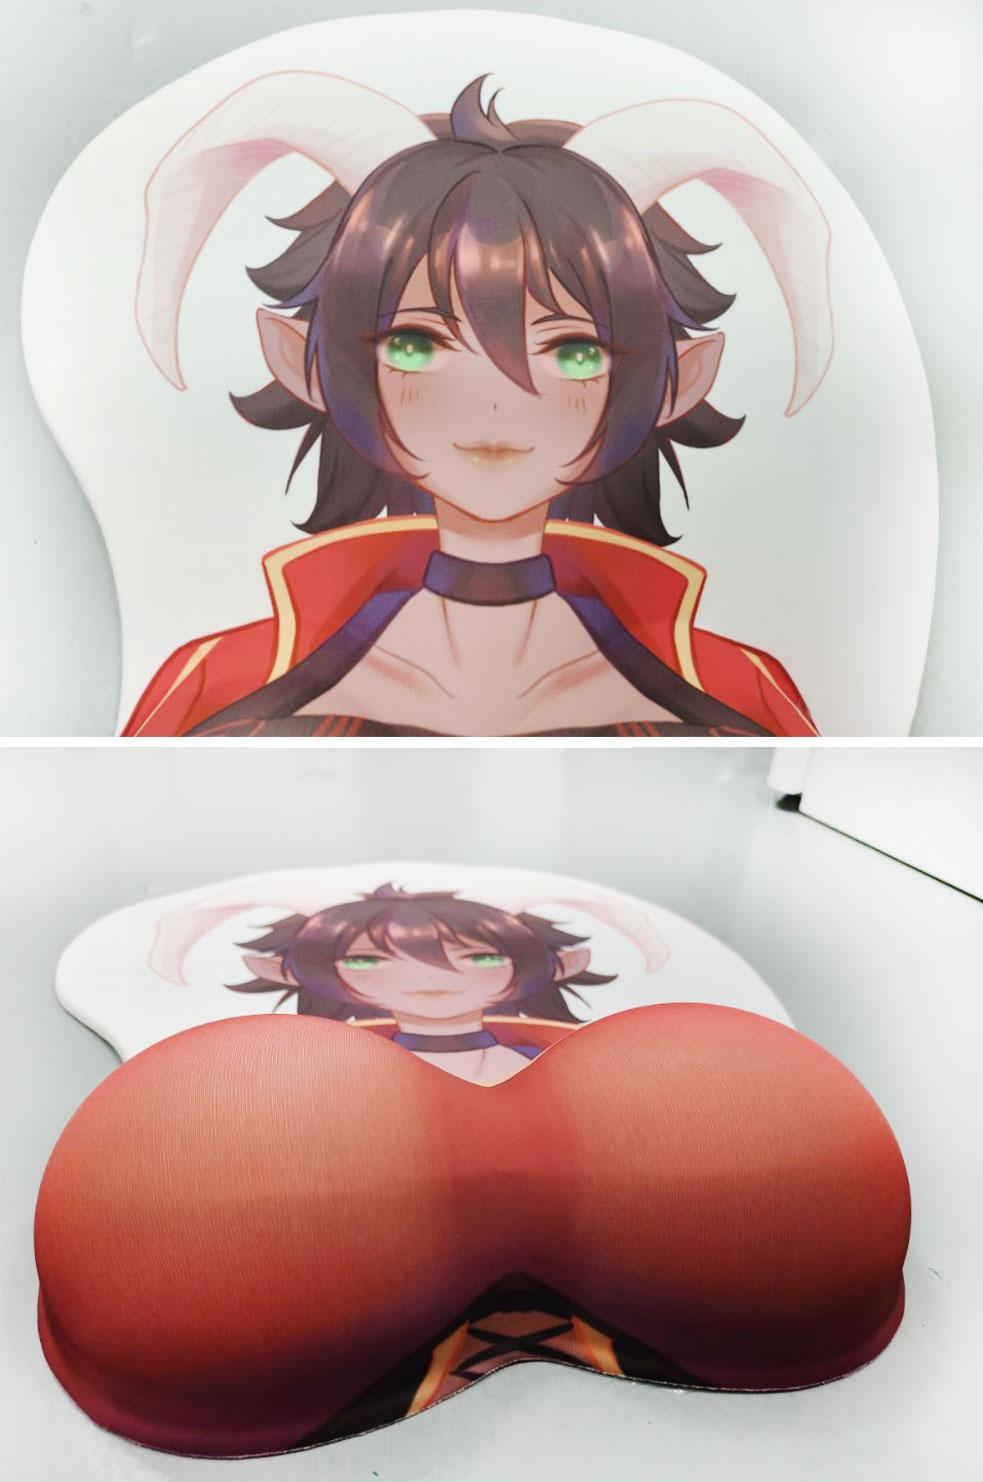 sailor moon life size oppai mousepad 6706 - Anime Mousepads